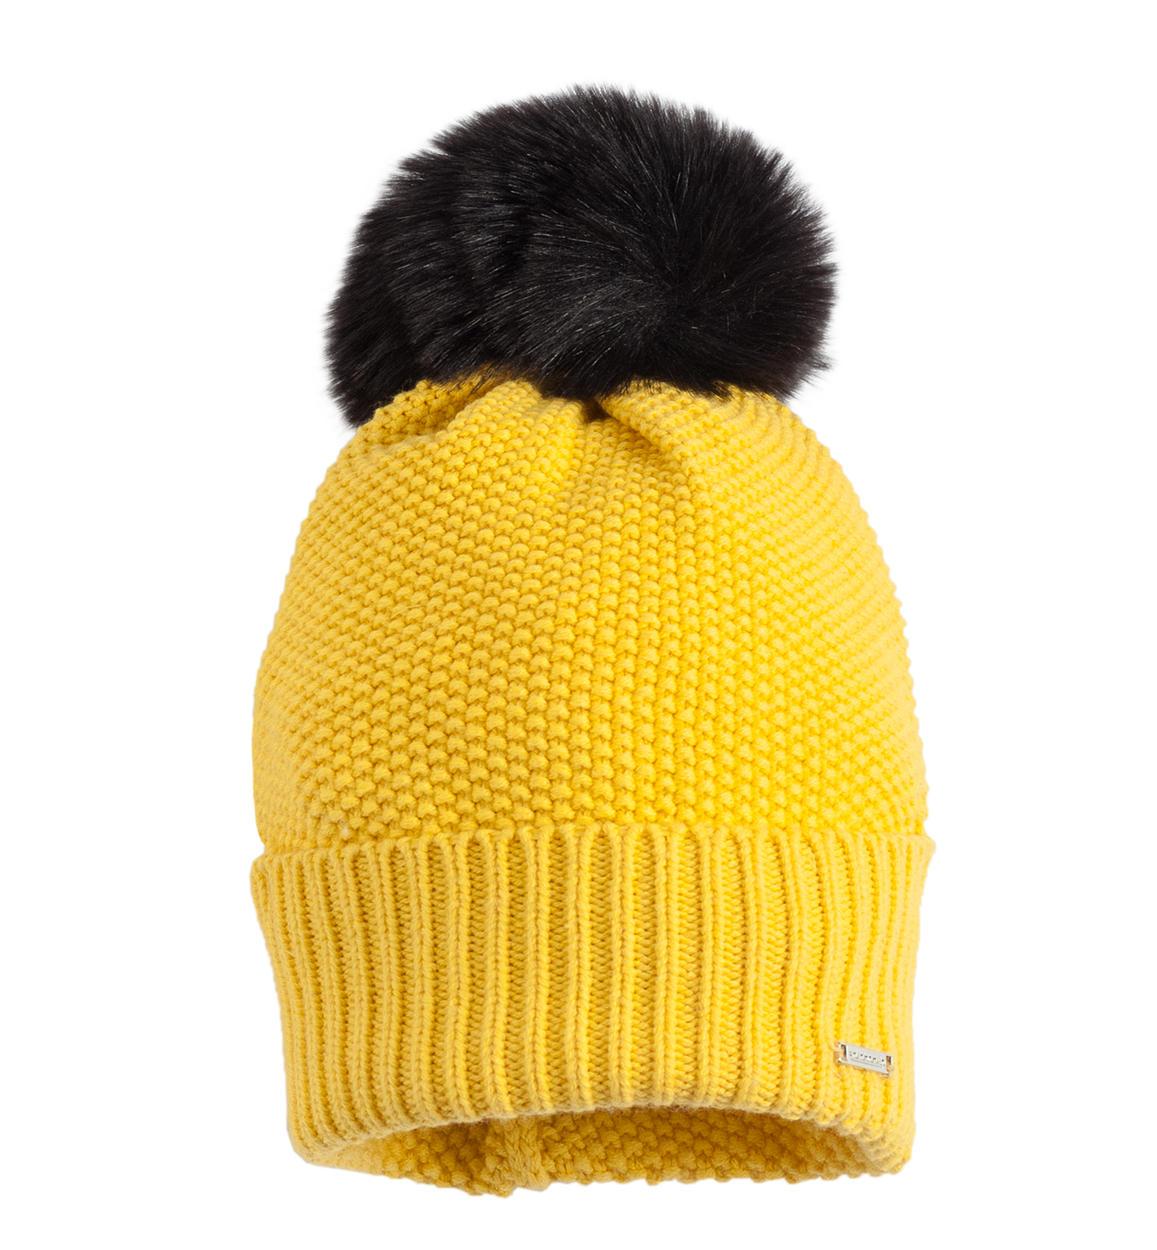 Cappello modello cuffia con pon pon per bambina da 6 a 16 anni Sarabanda.  GIALLO-1433 back e6d02be3c132